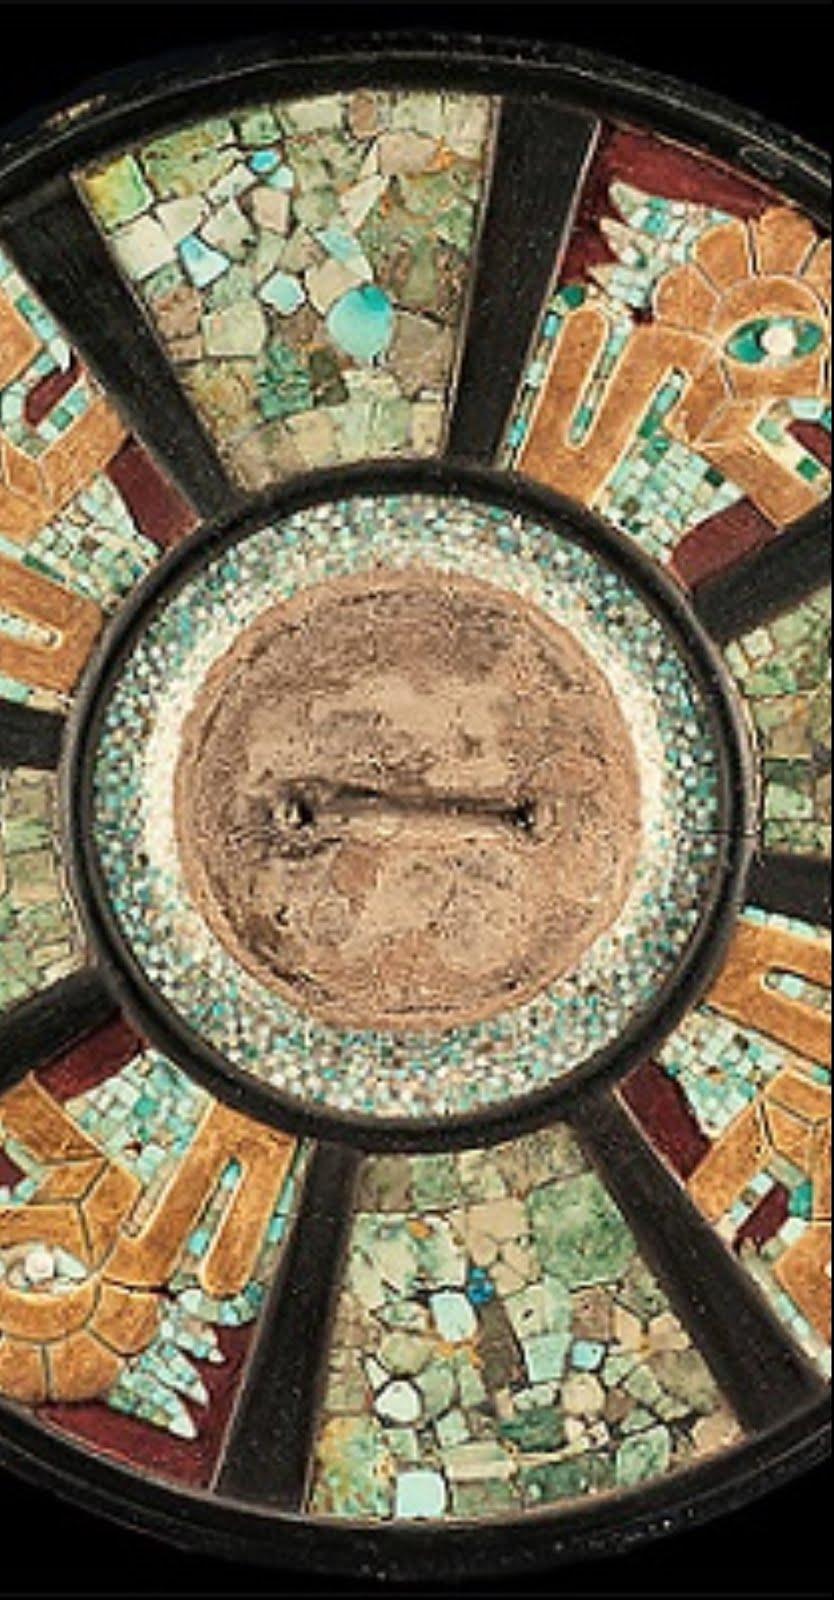 Culturas prehispánicas asombraron a 425 mil visitantes en EU